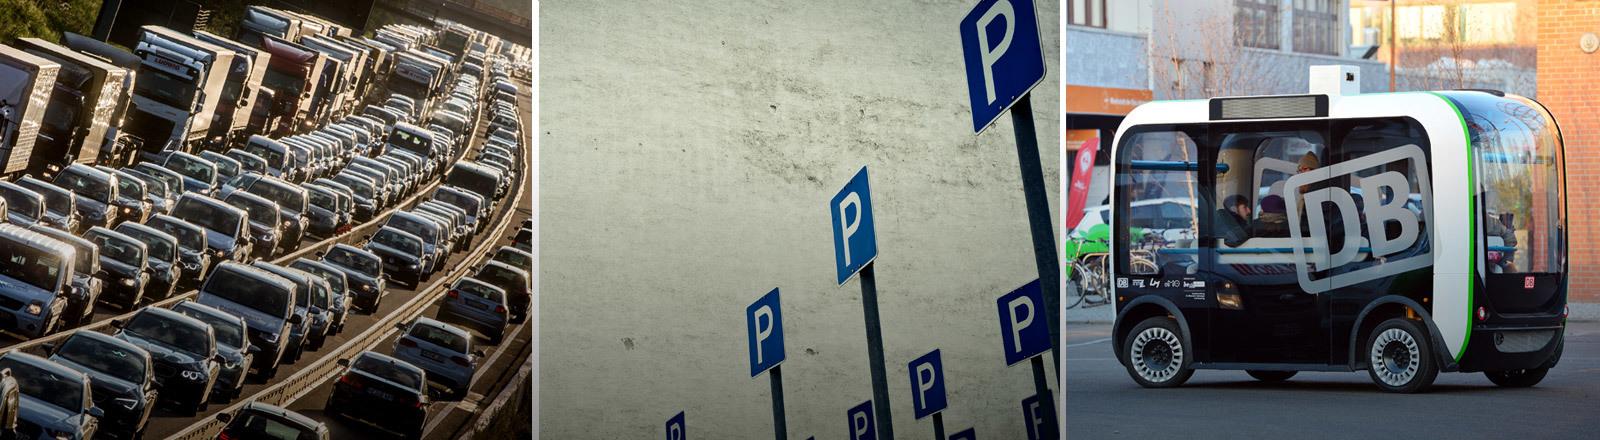 Verkehrsstau, Parkplatzschilder, selbstfahrender Kleinbus